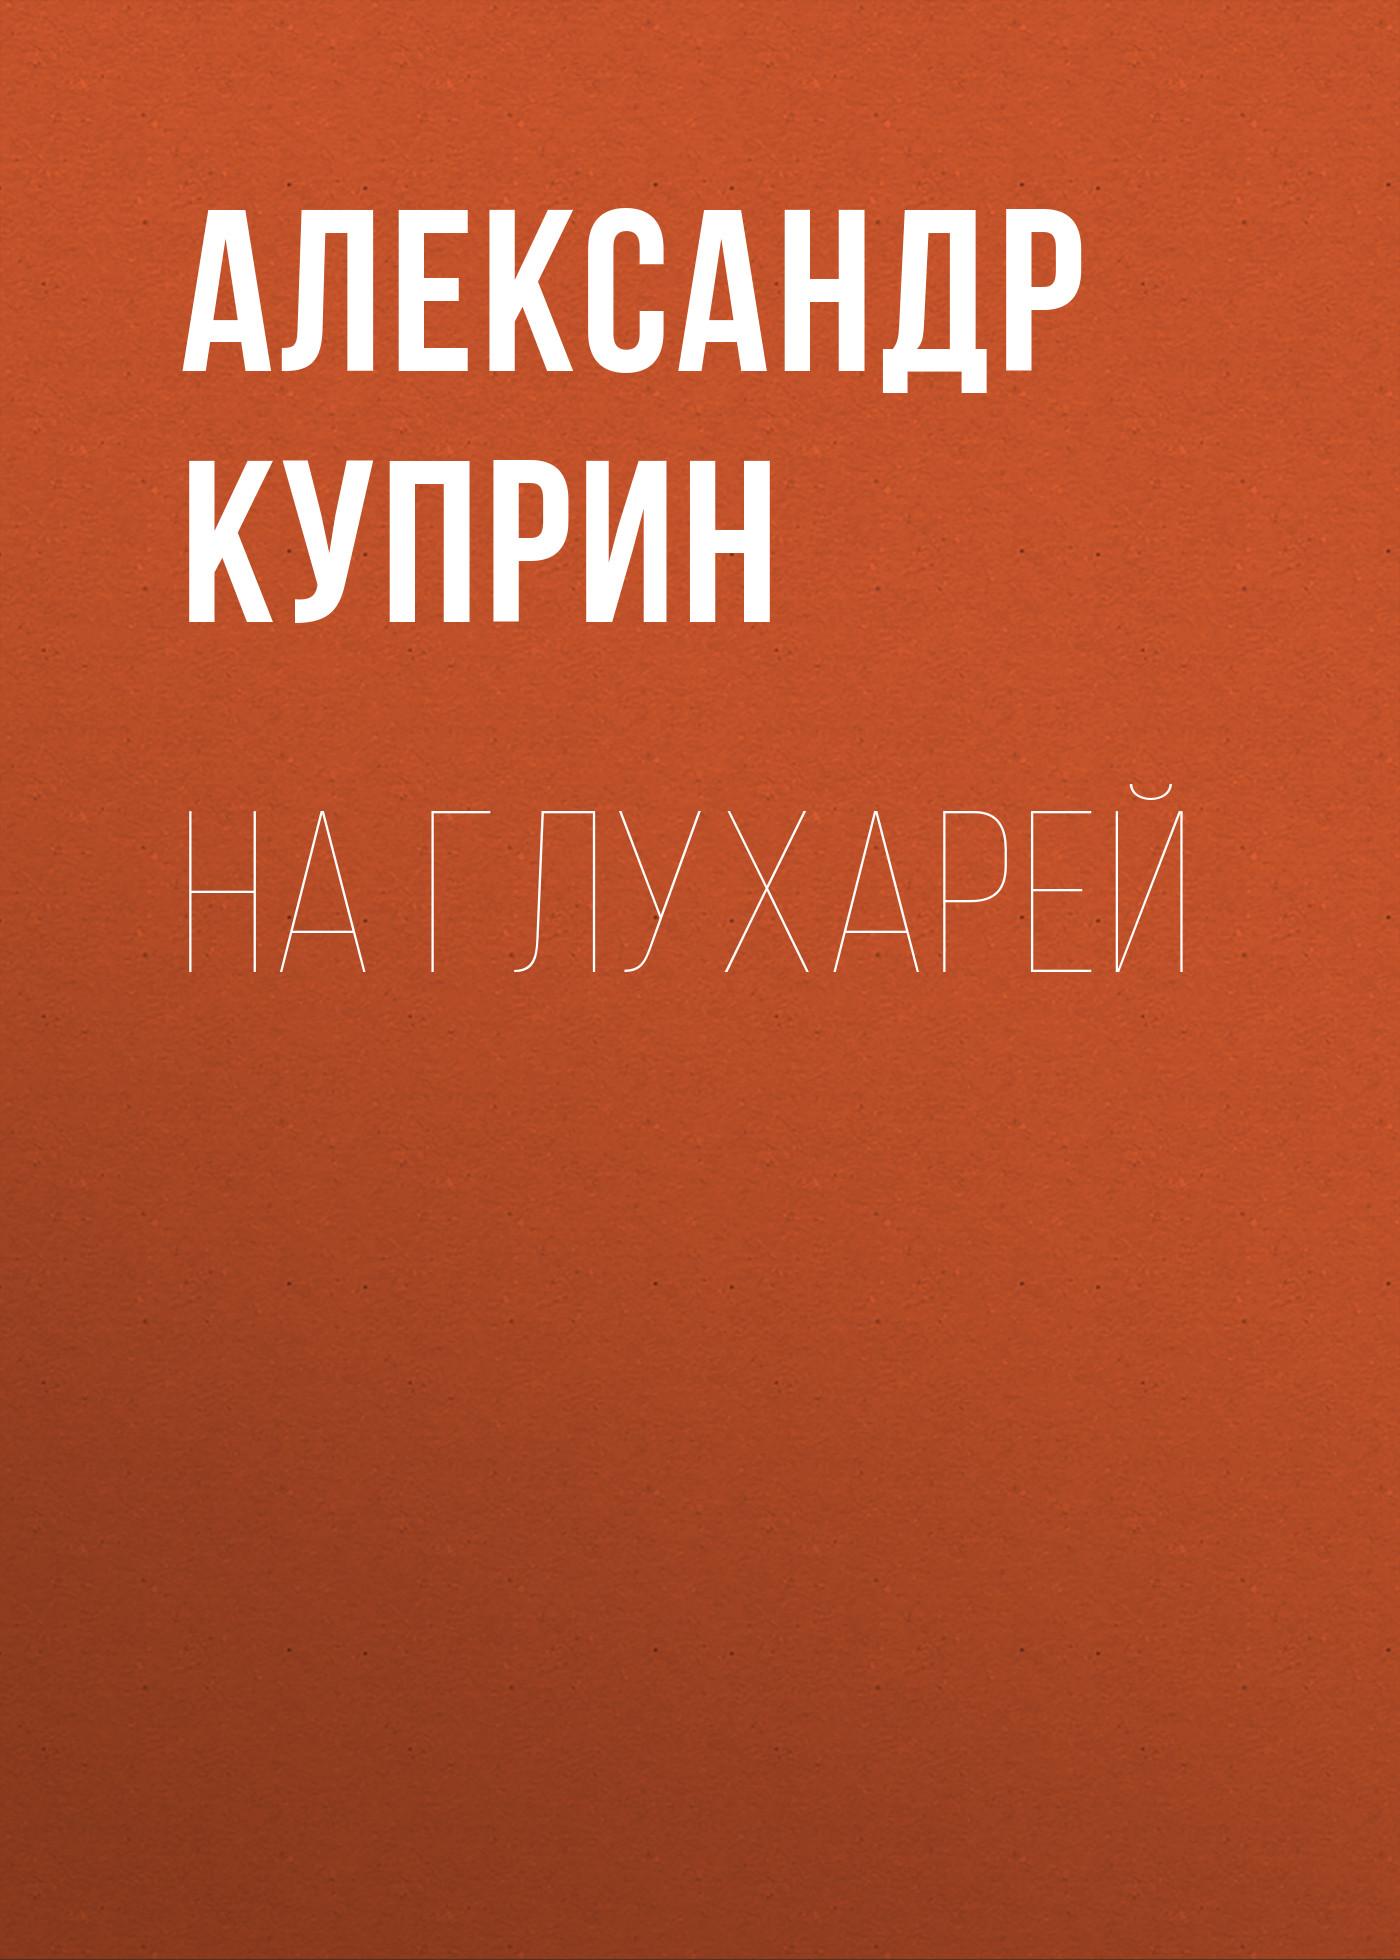 Купить книгу На глухарей, автора Александра Куприна